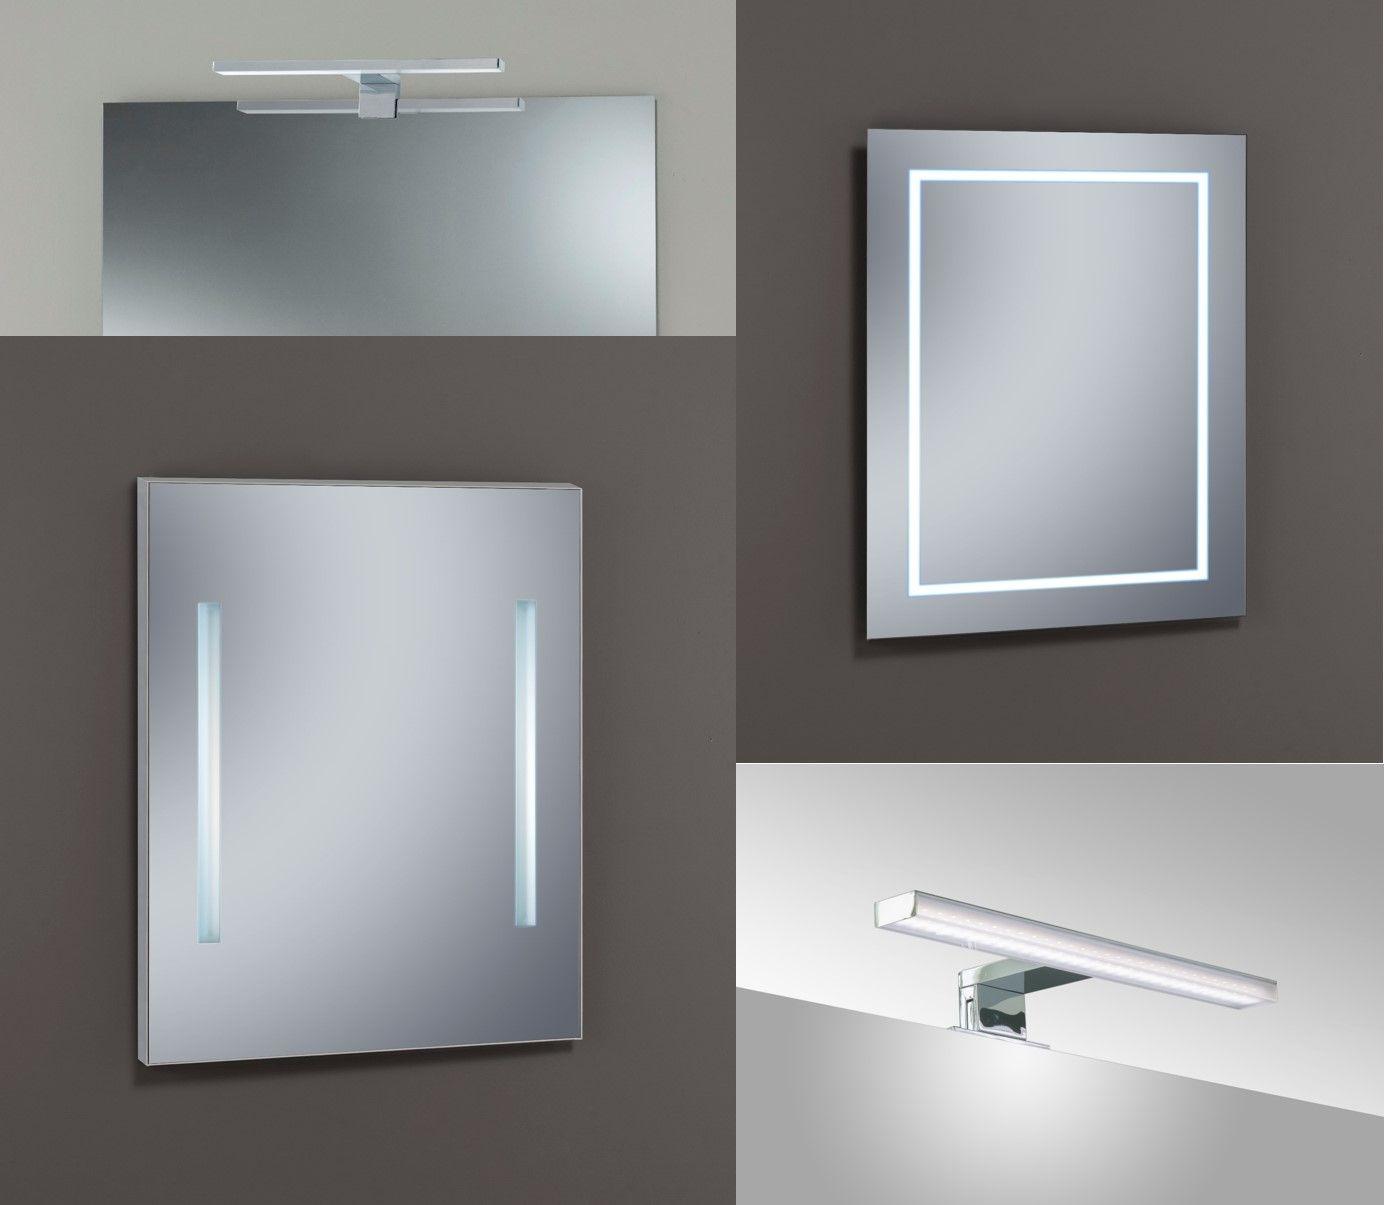 iluminacin en el bao si no tienes luz natural en el usa luz led